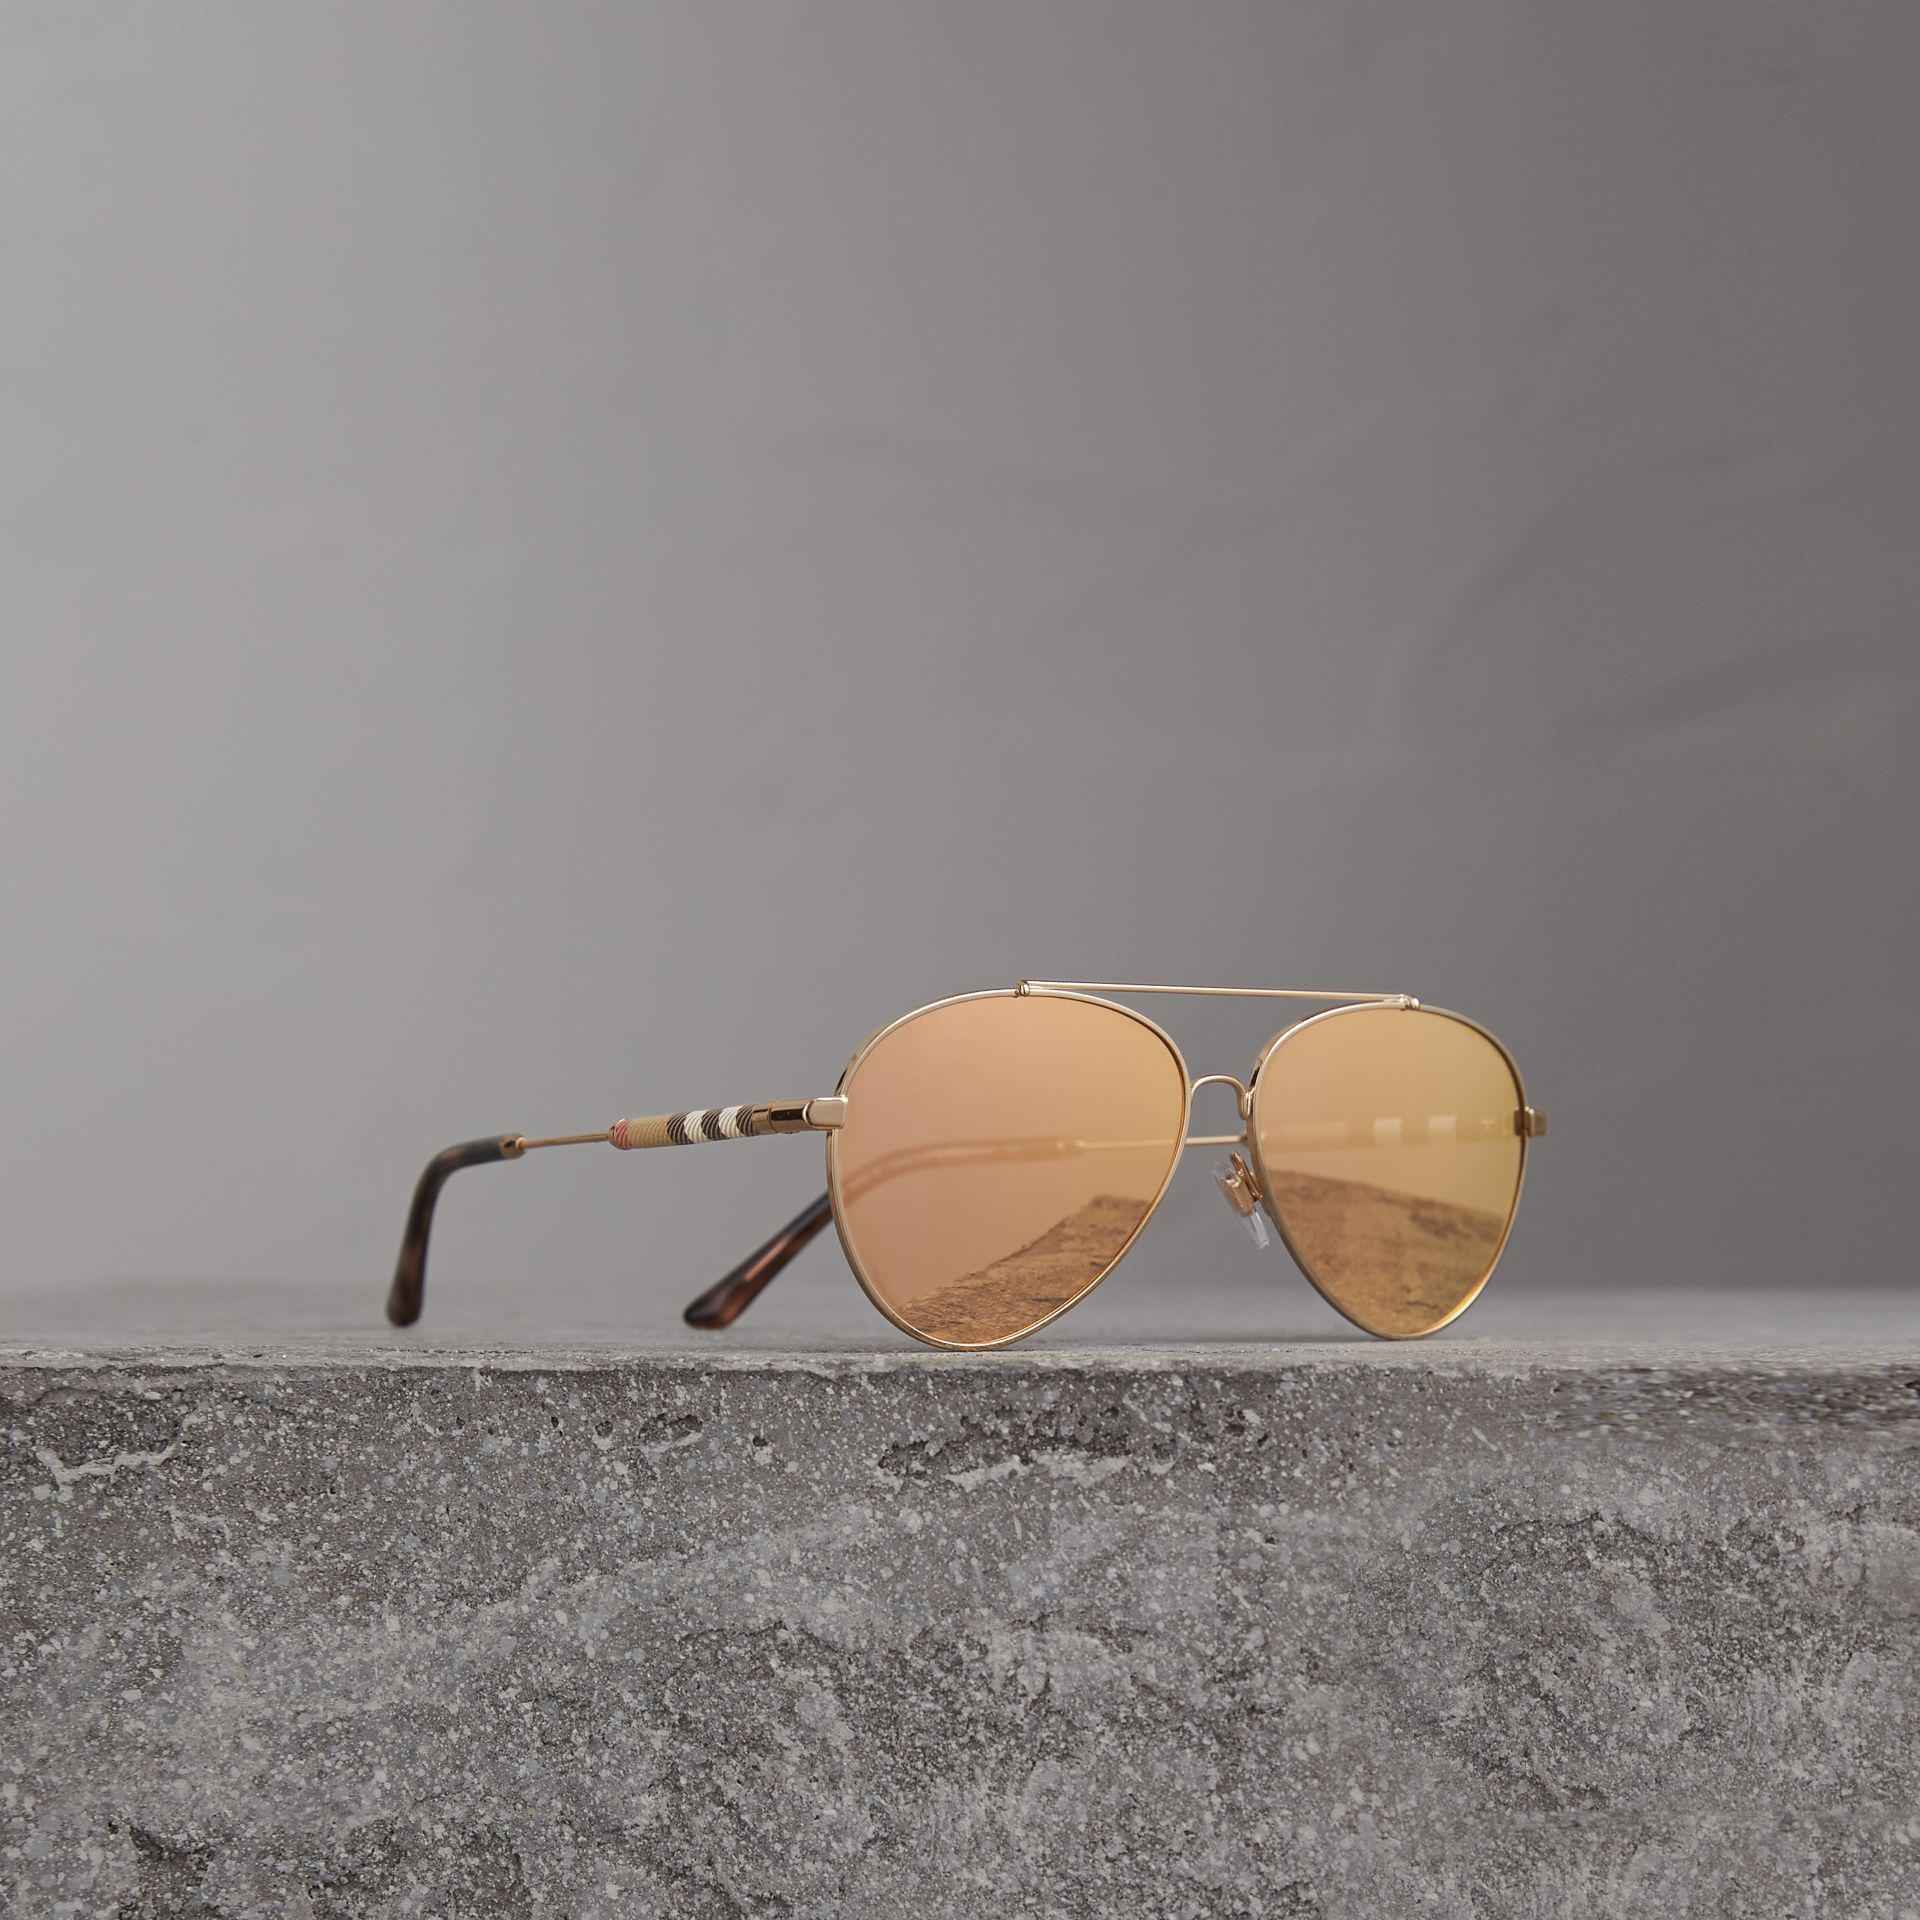 0ec1620473e Burberry Check Detail Mirrored Pilot Sunglasses